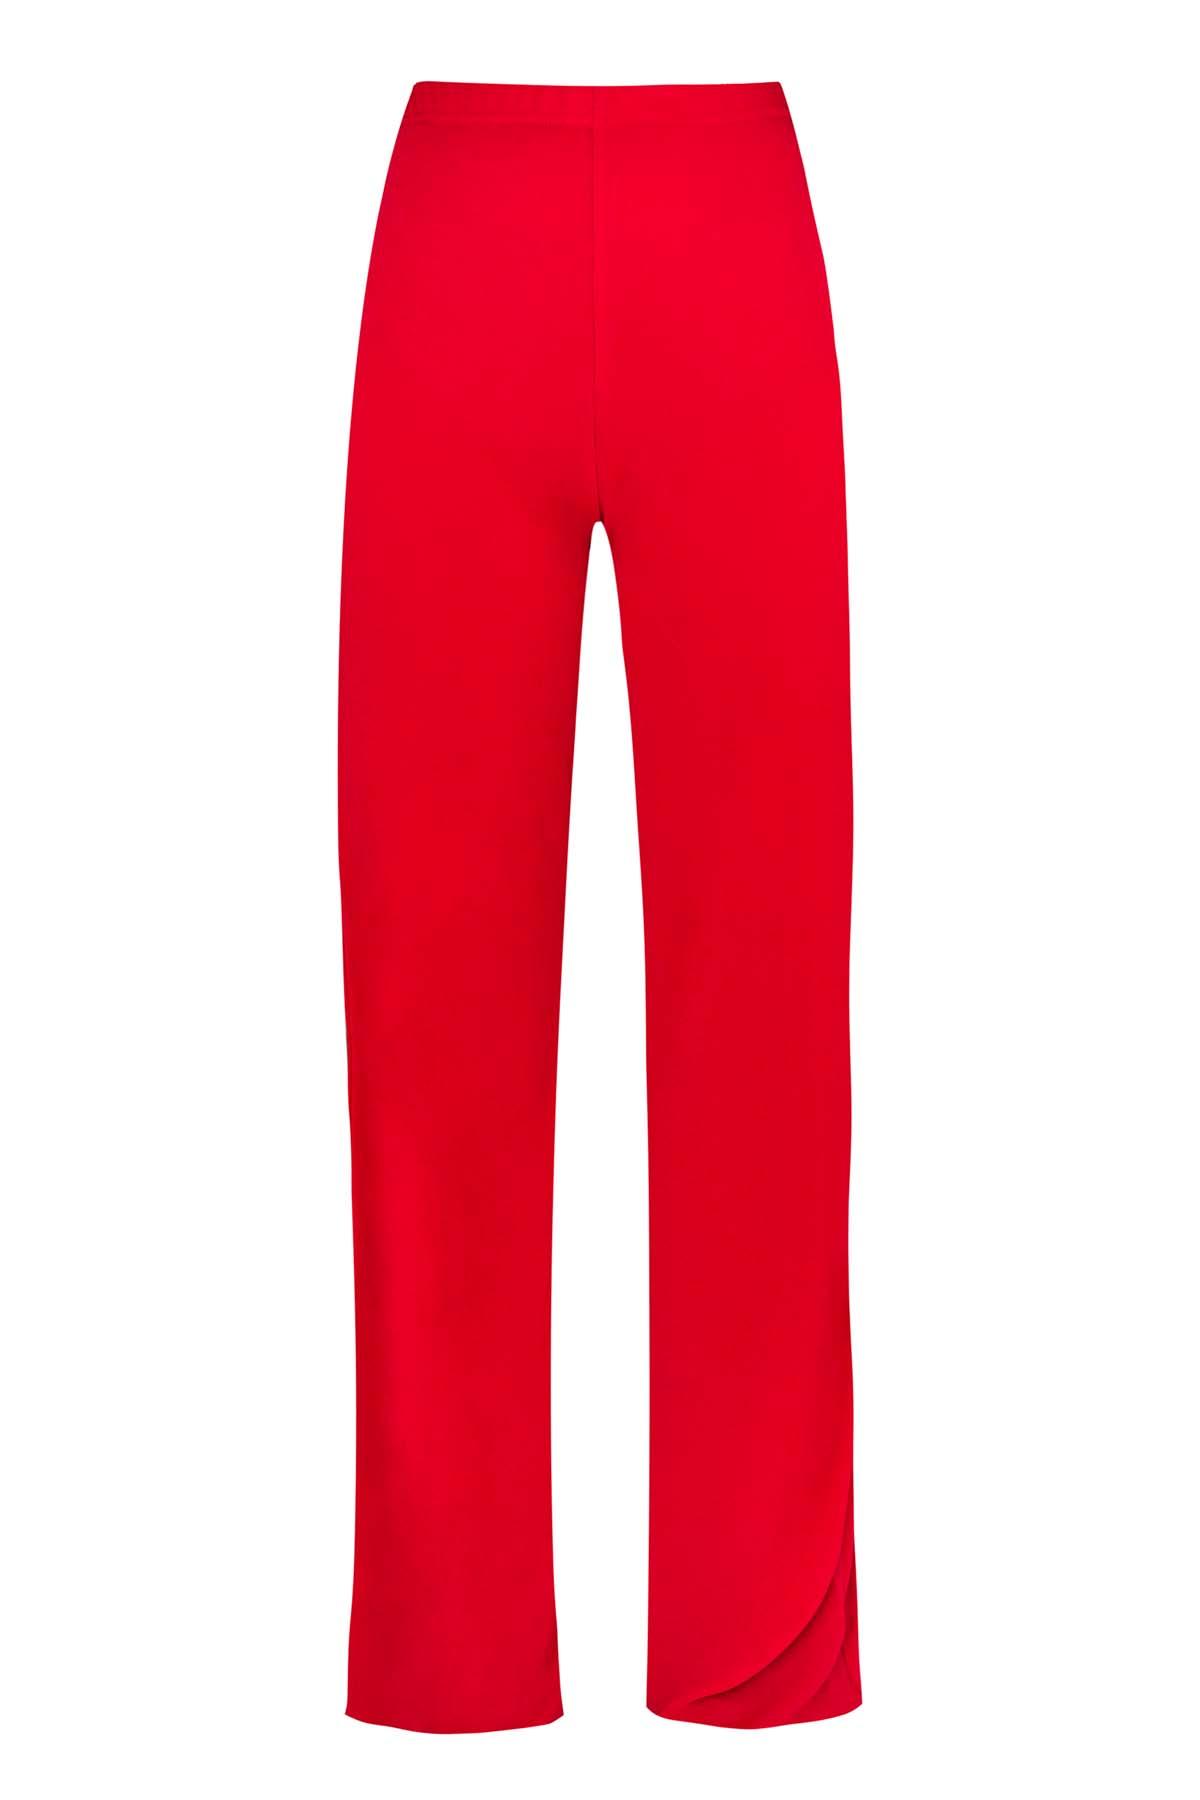 Teria Yabar - Pantalón flare rojo